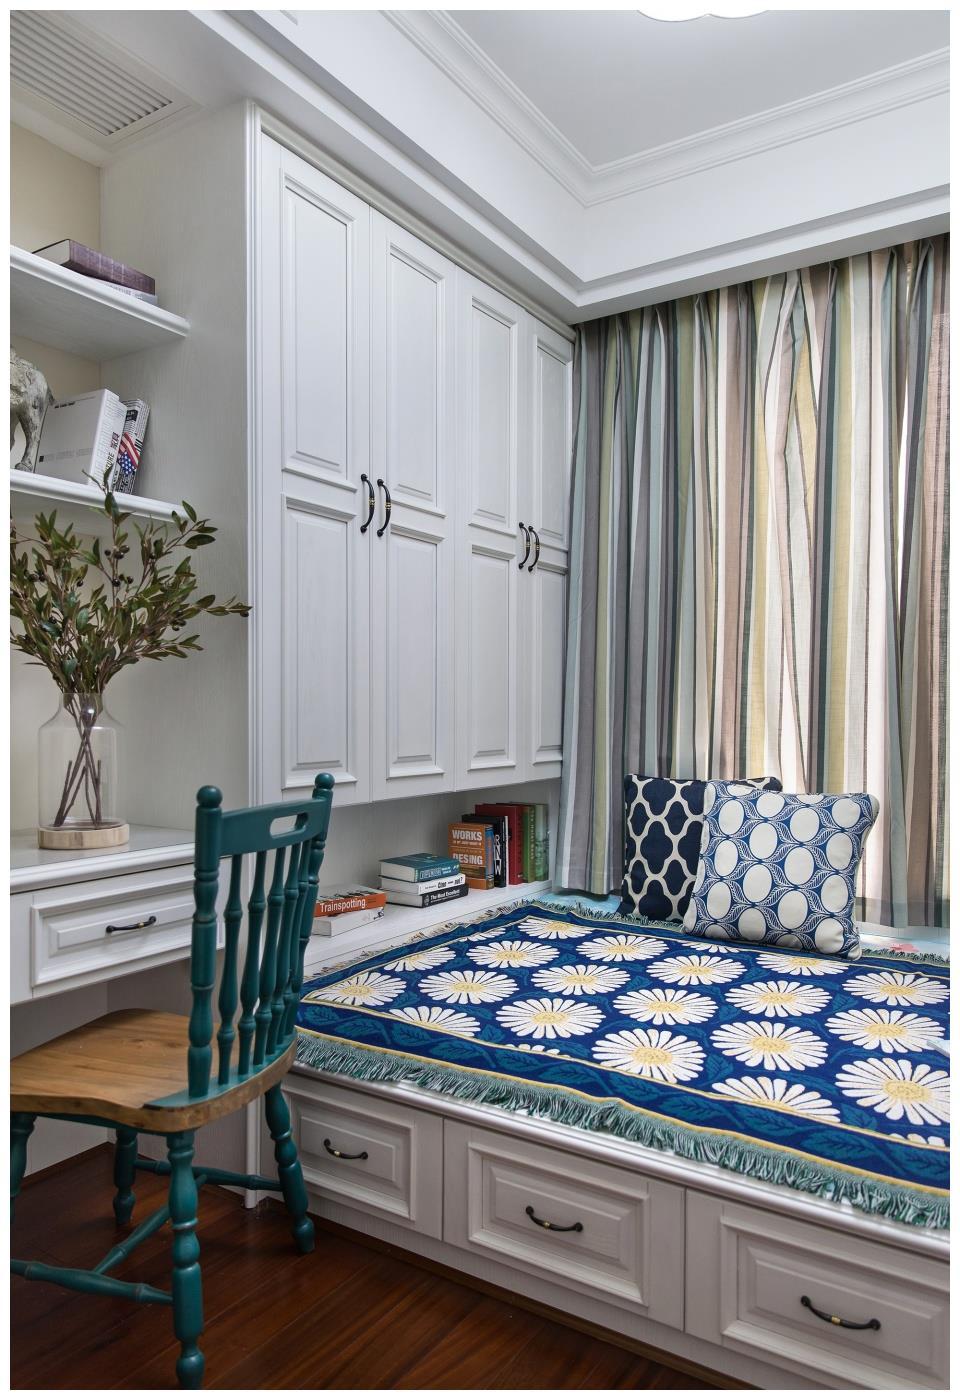 家居装修中榻榻米的呈现方式,儿童房、书房,甚至于一个飘窗!